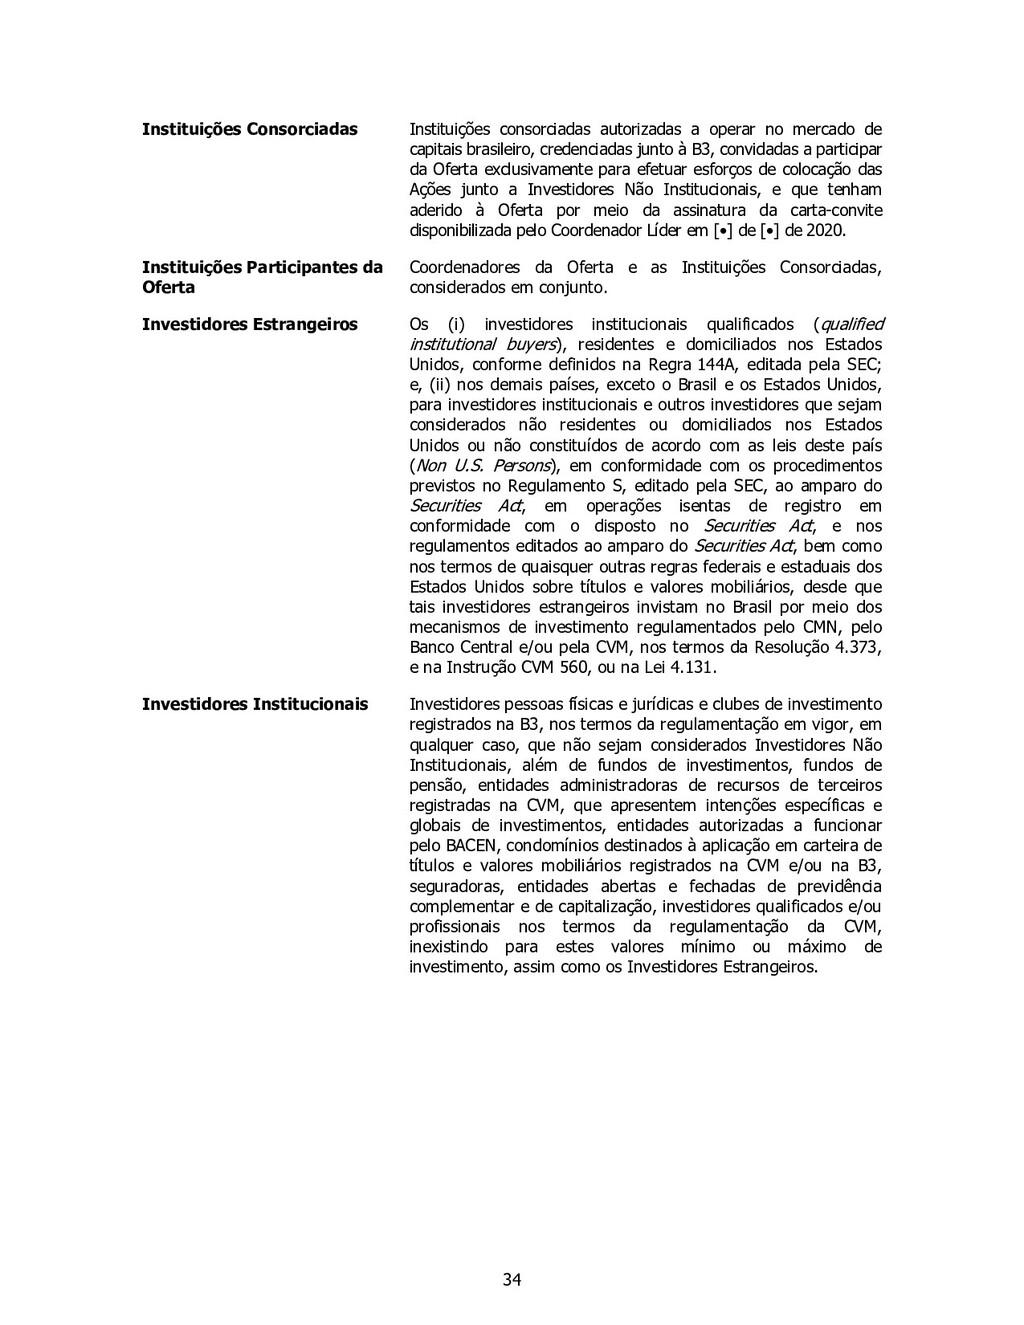 34 Instituições Consorciadas Instituições conso...